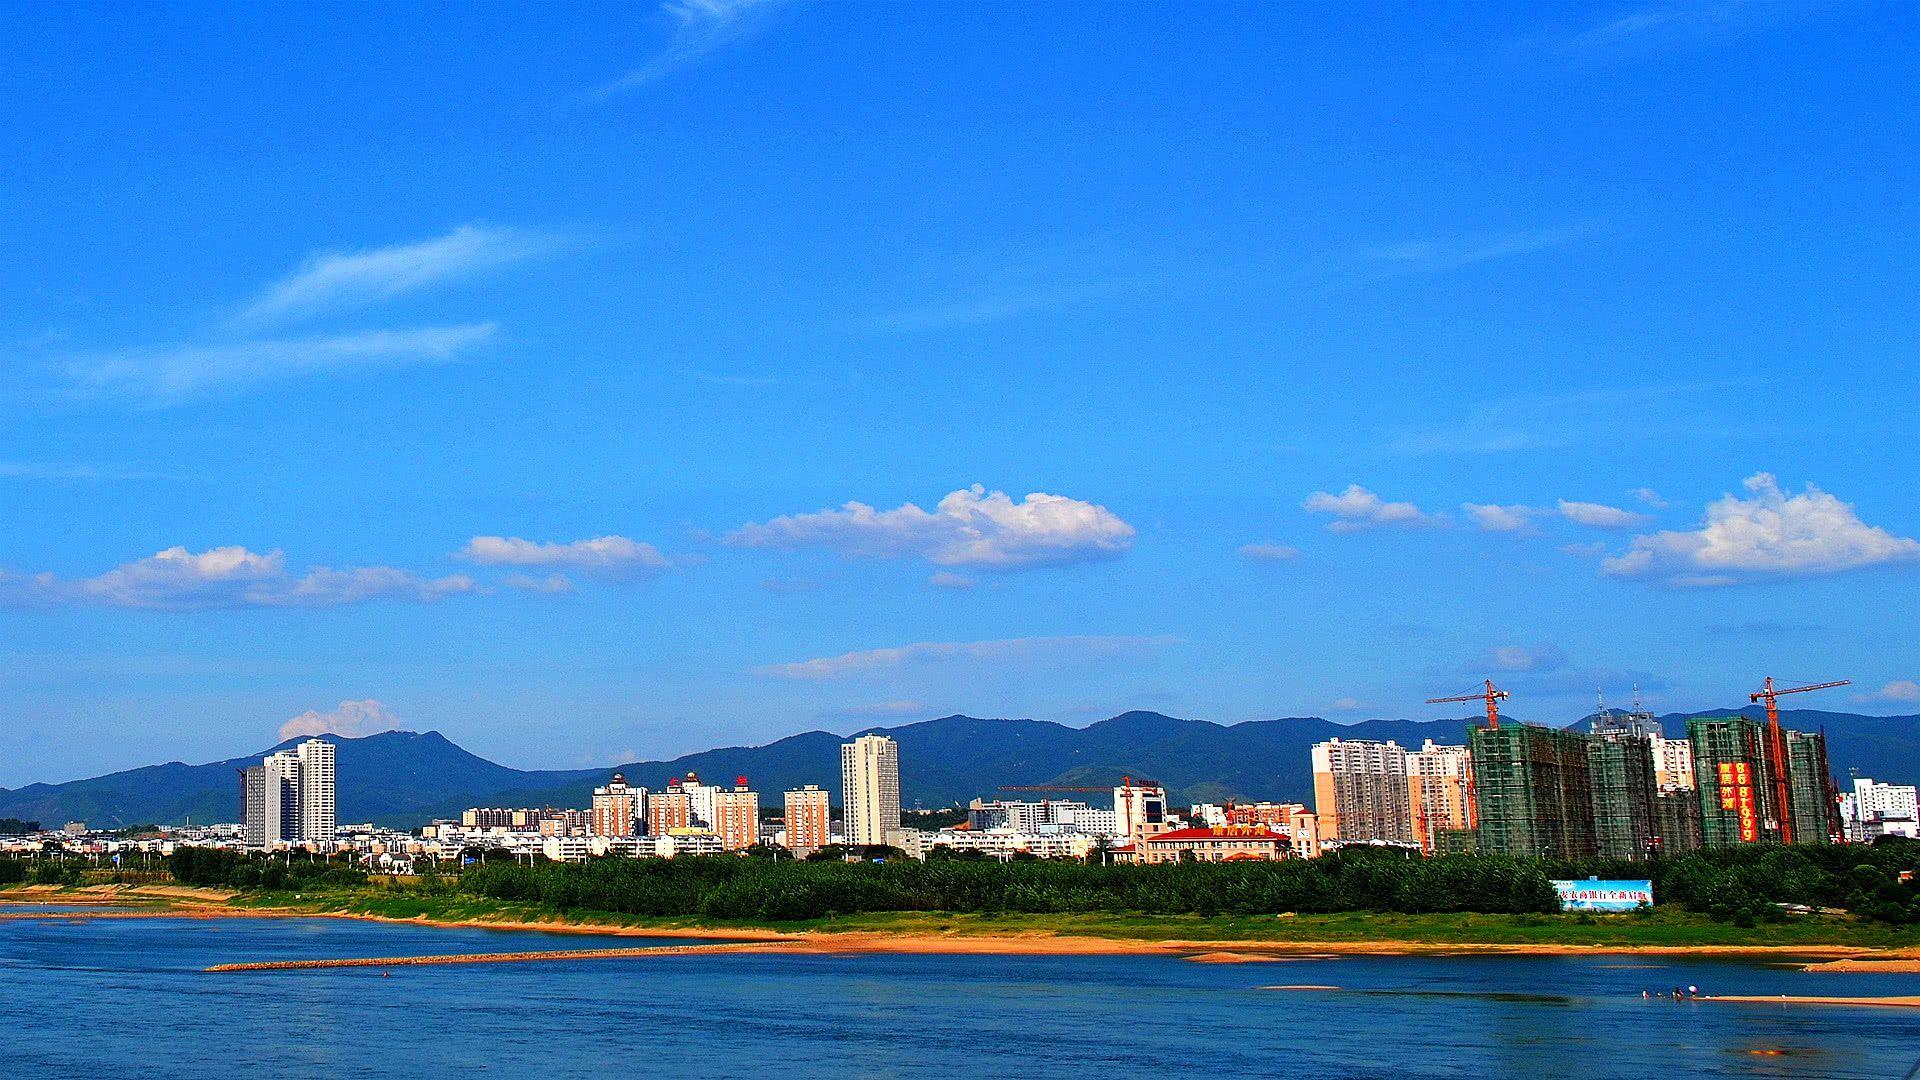 新干县的gdp怎么样_江西房价最高的3个县,上涨趋势或难继续